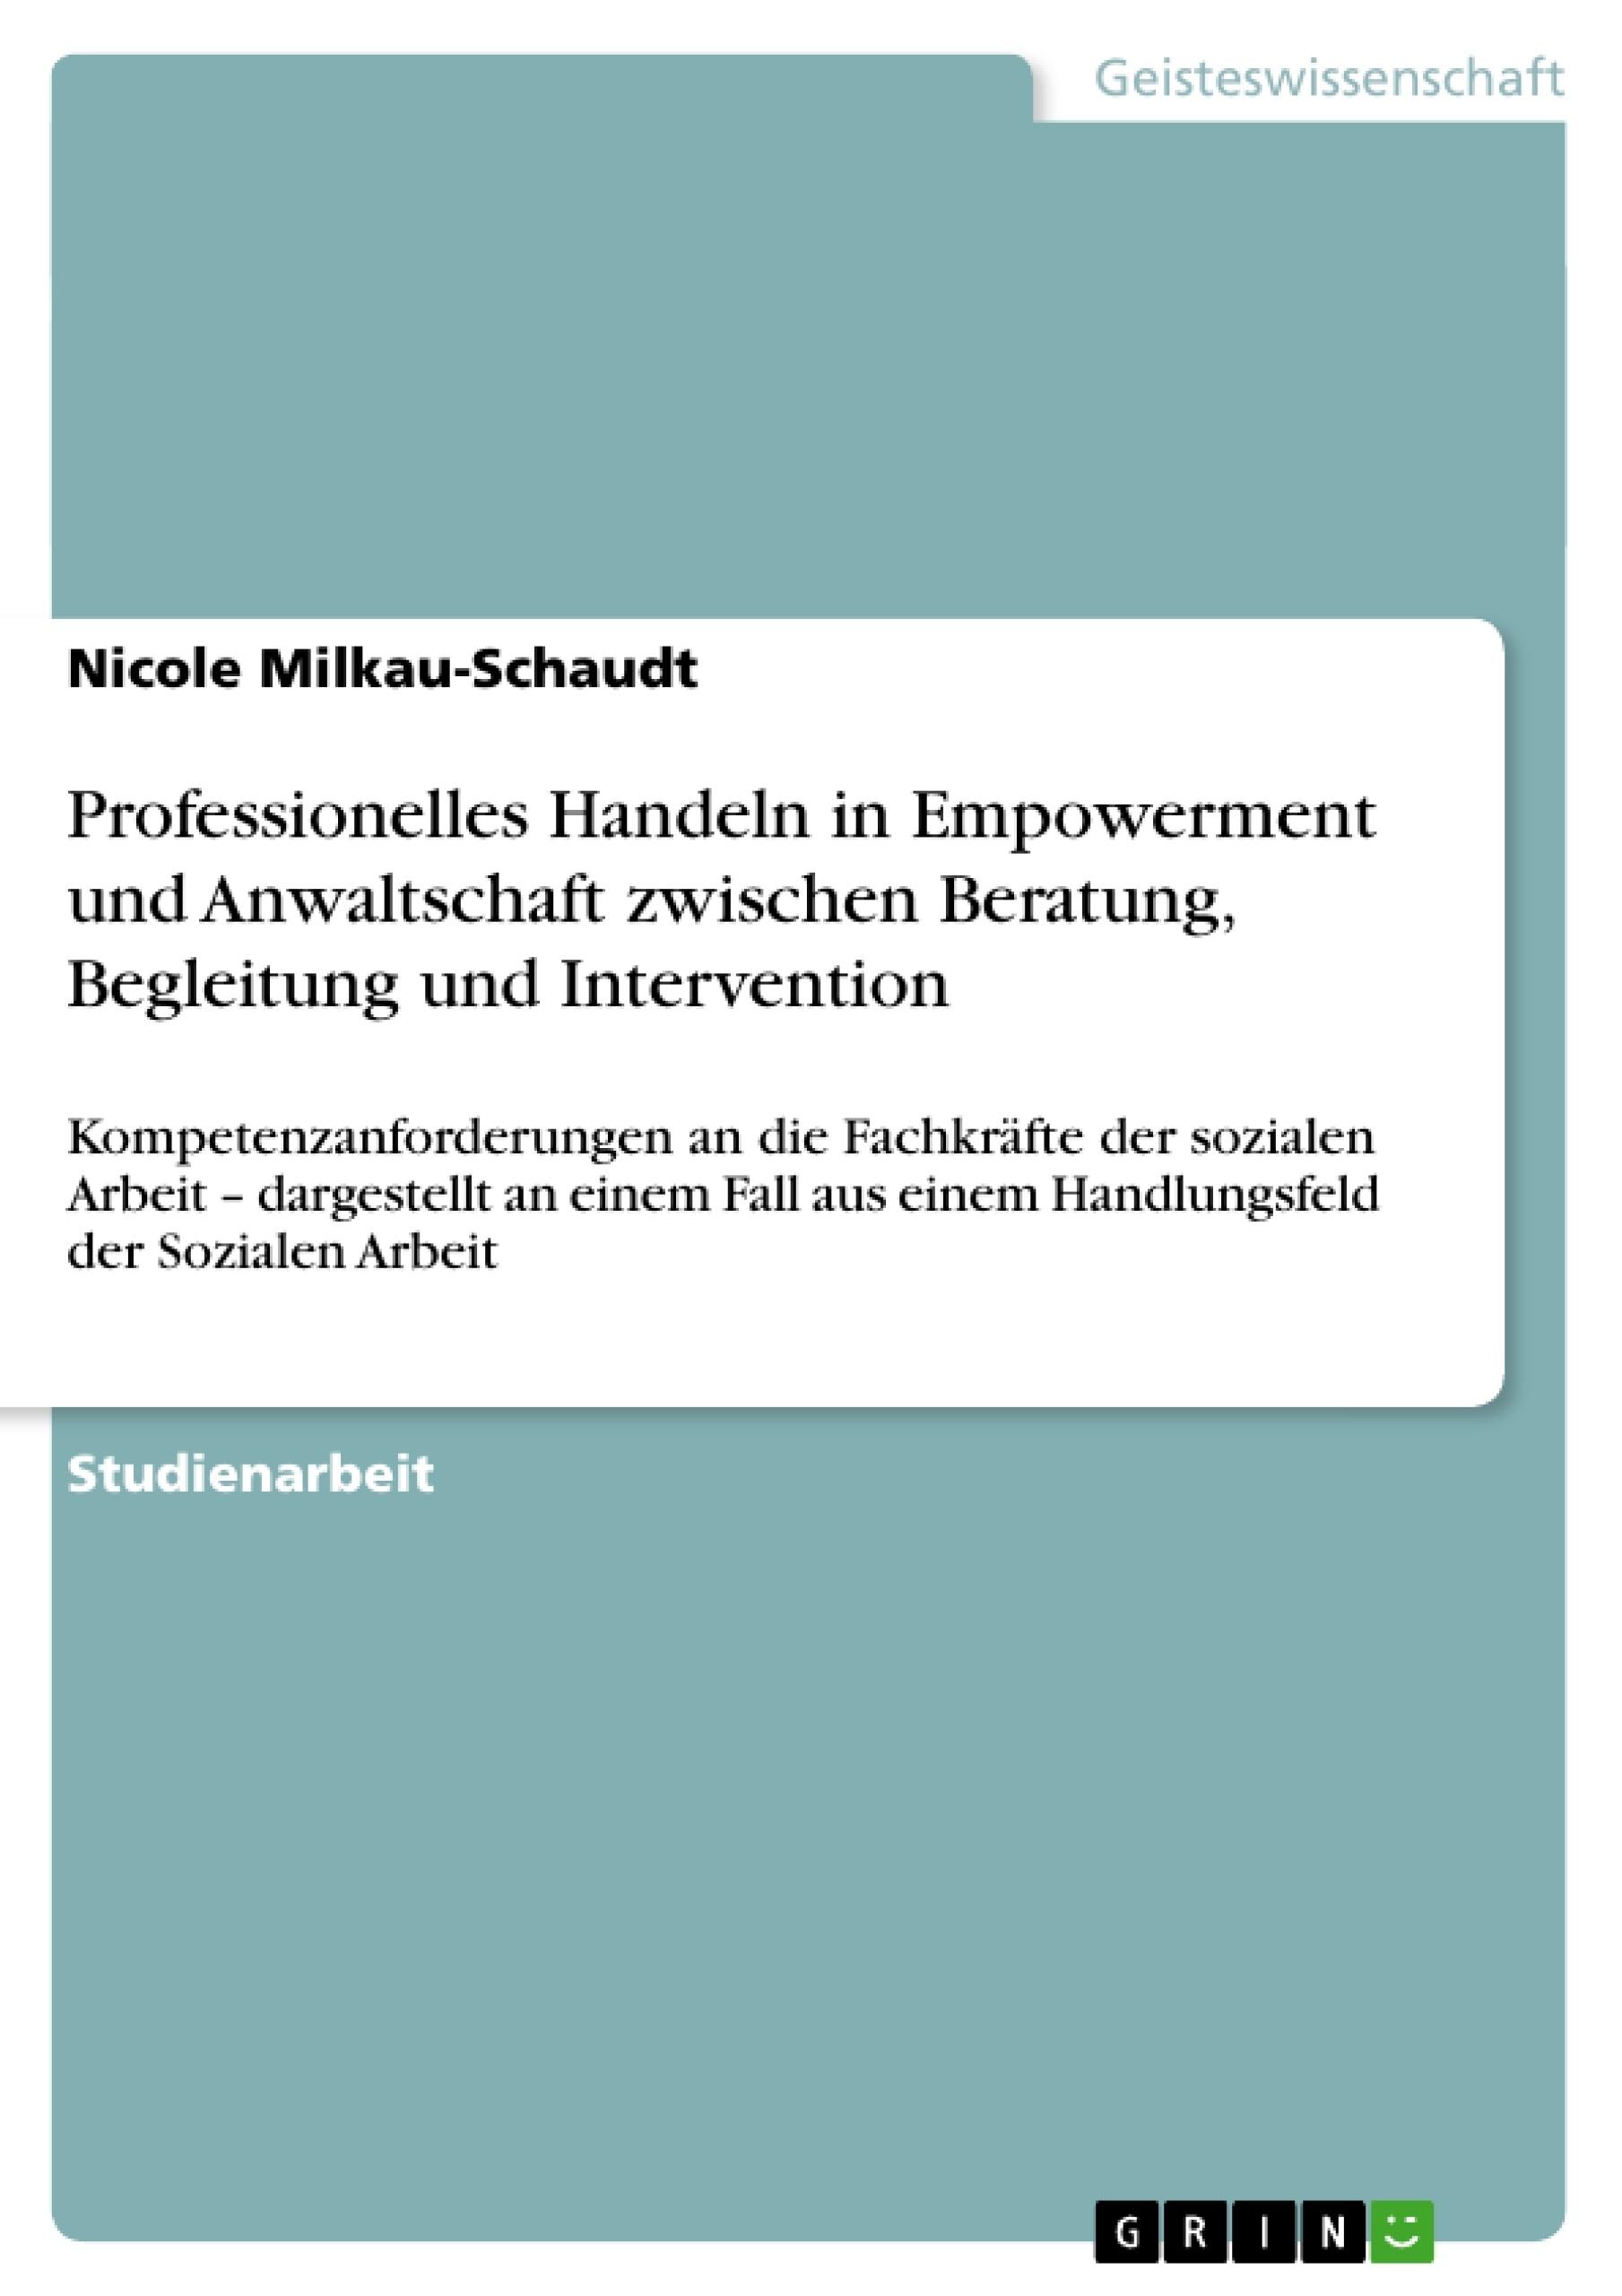 Titel: Professionelles Handeln in Empowerment und Anwaltschaft zwischen Beratung, Begleitung und Intervention